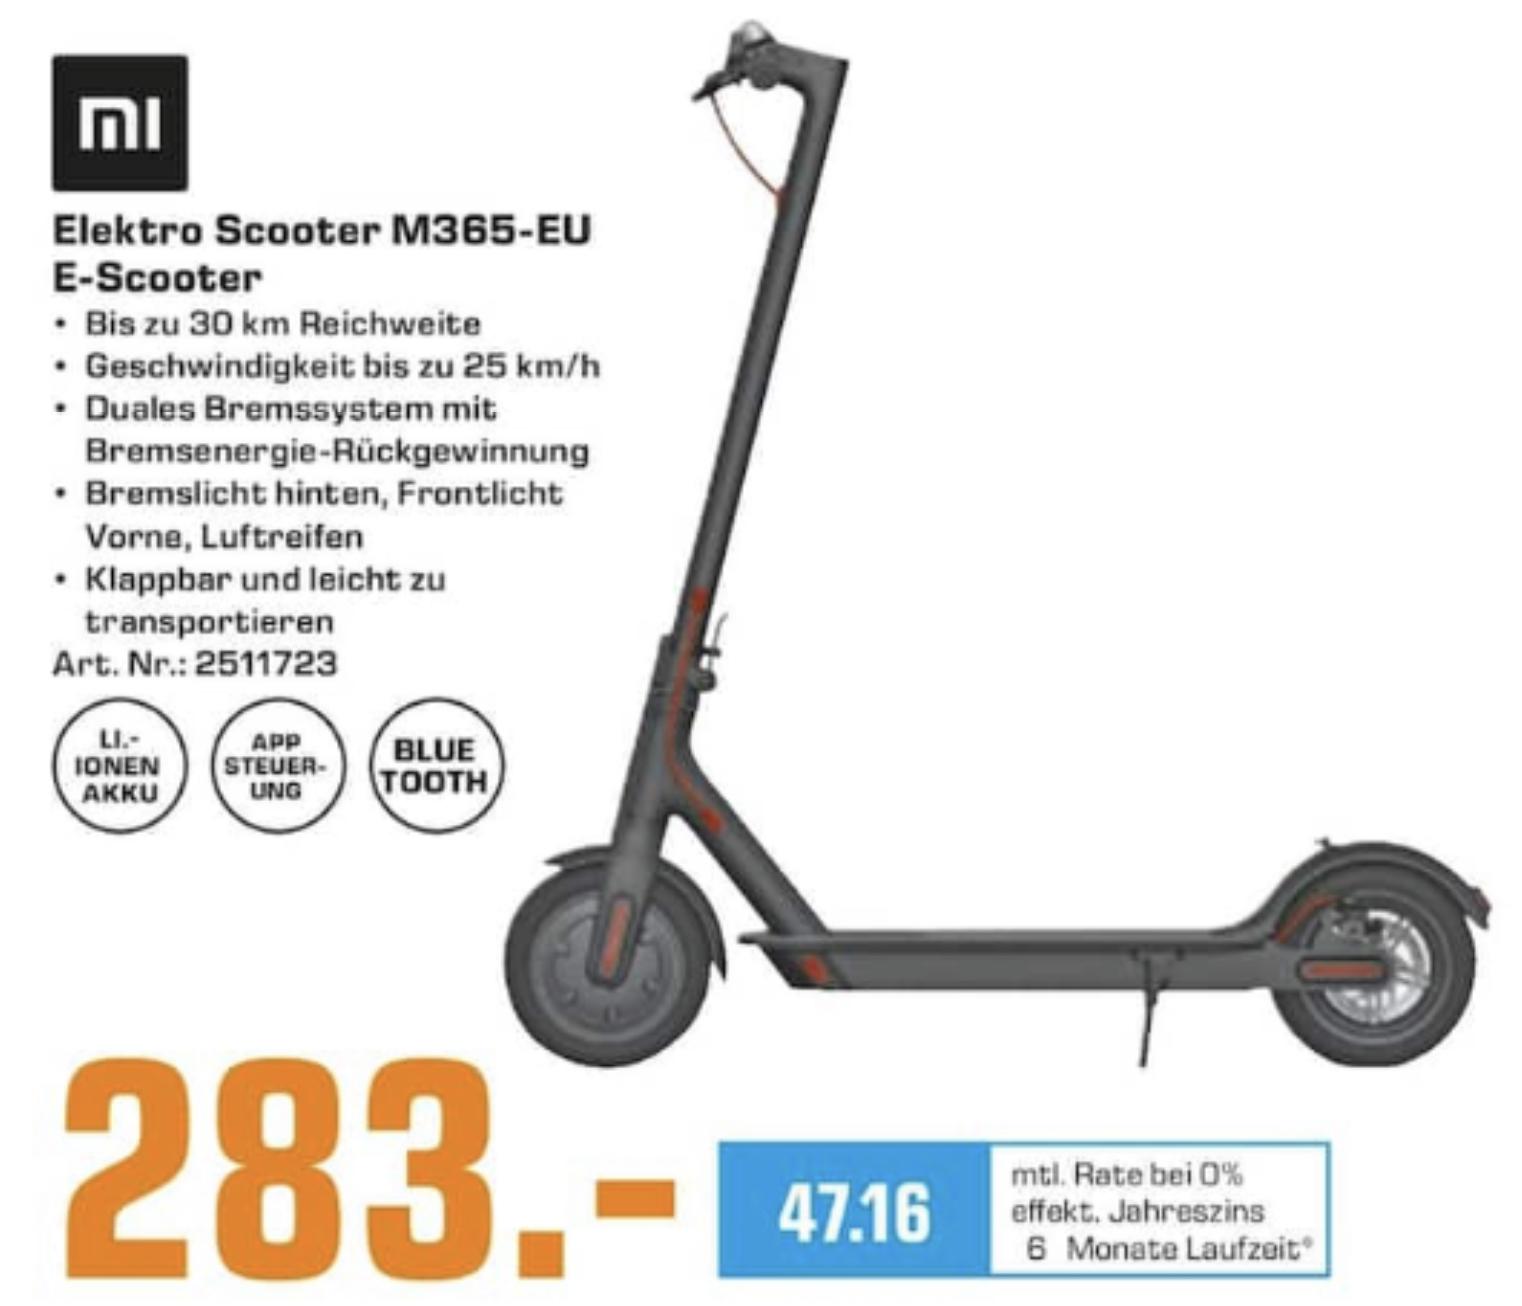 Lokal Saturn Kaiserslautern u. Pforzheim: Xiaomi Mi Electric Scooter M365 Für 283€ oder Xiaomi Mi Electric Scooter Pro für 385€